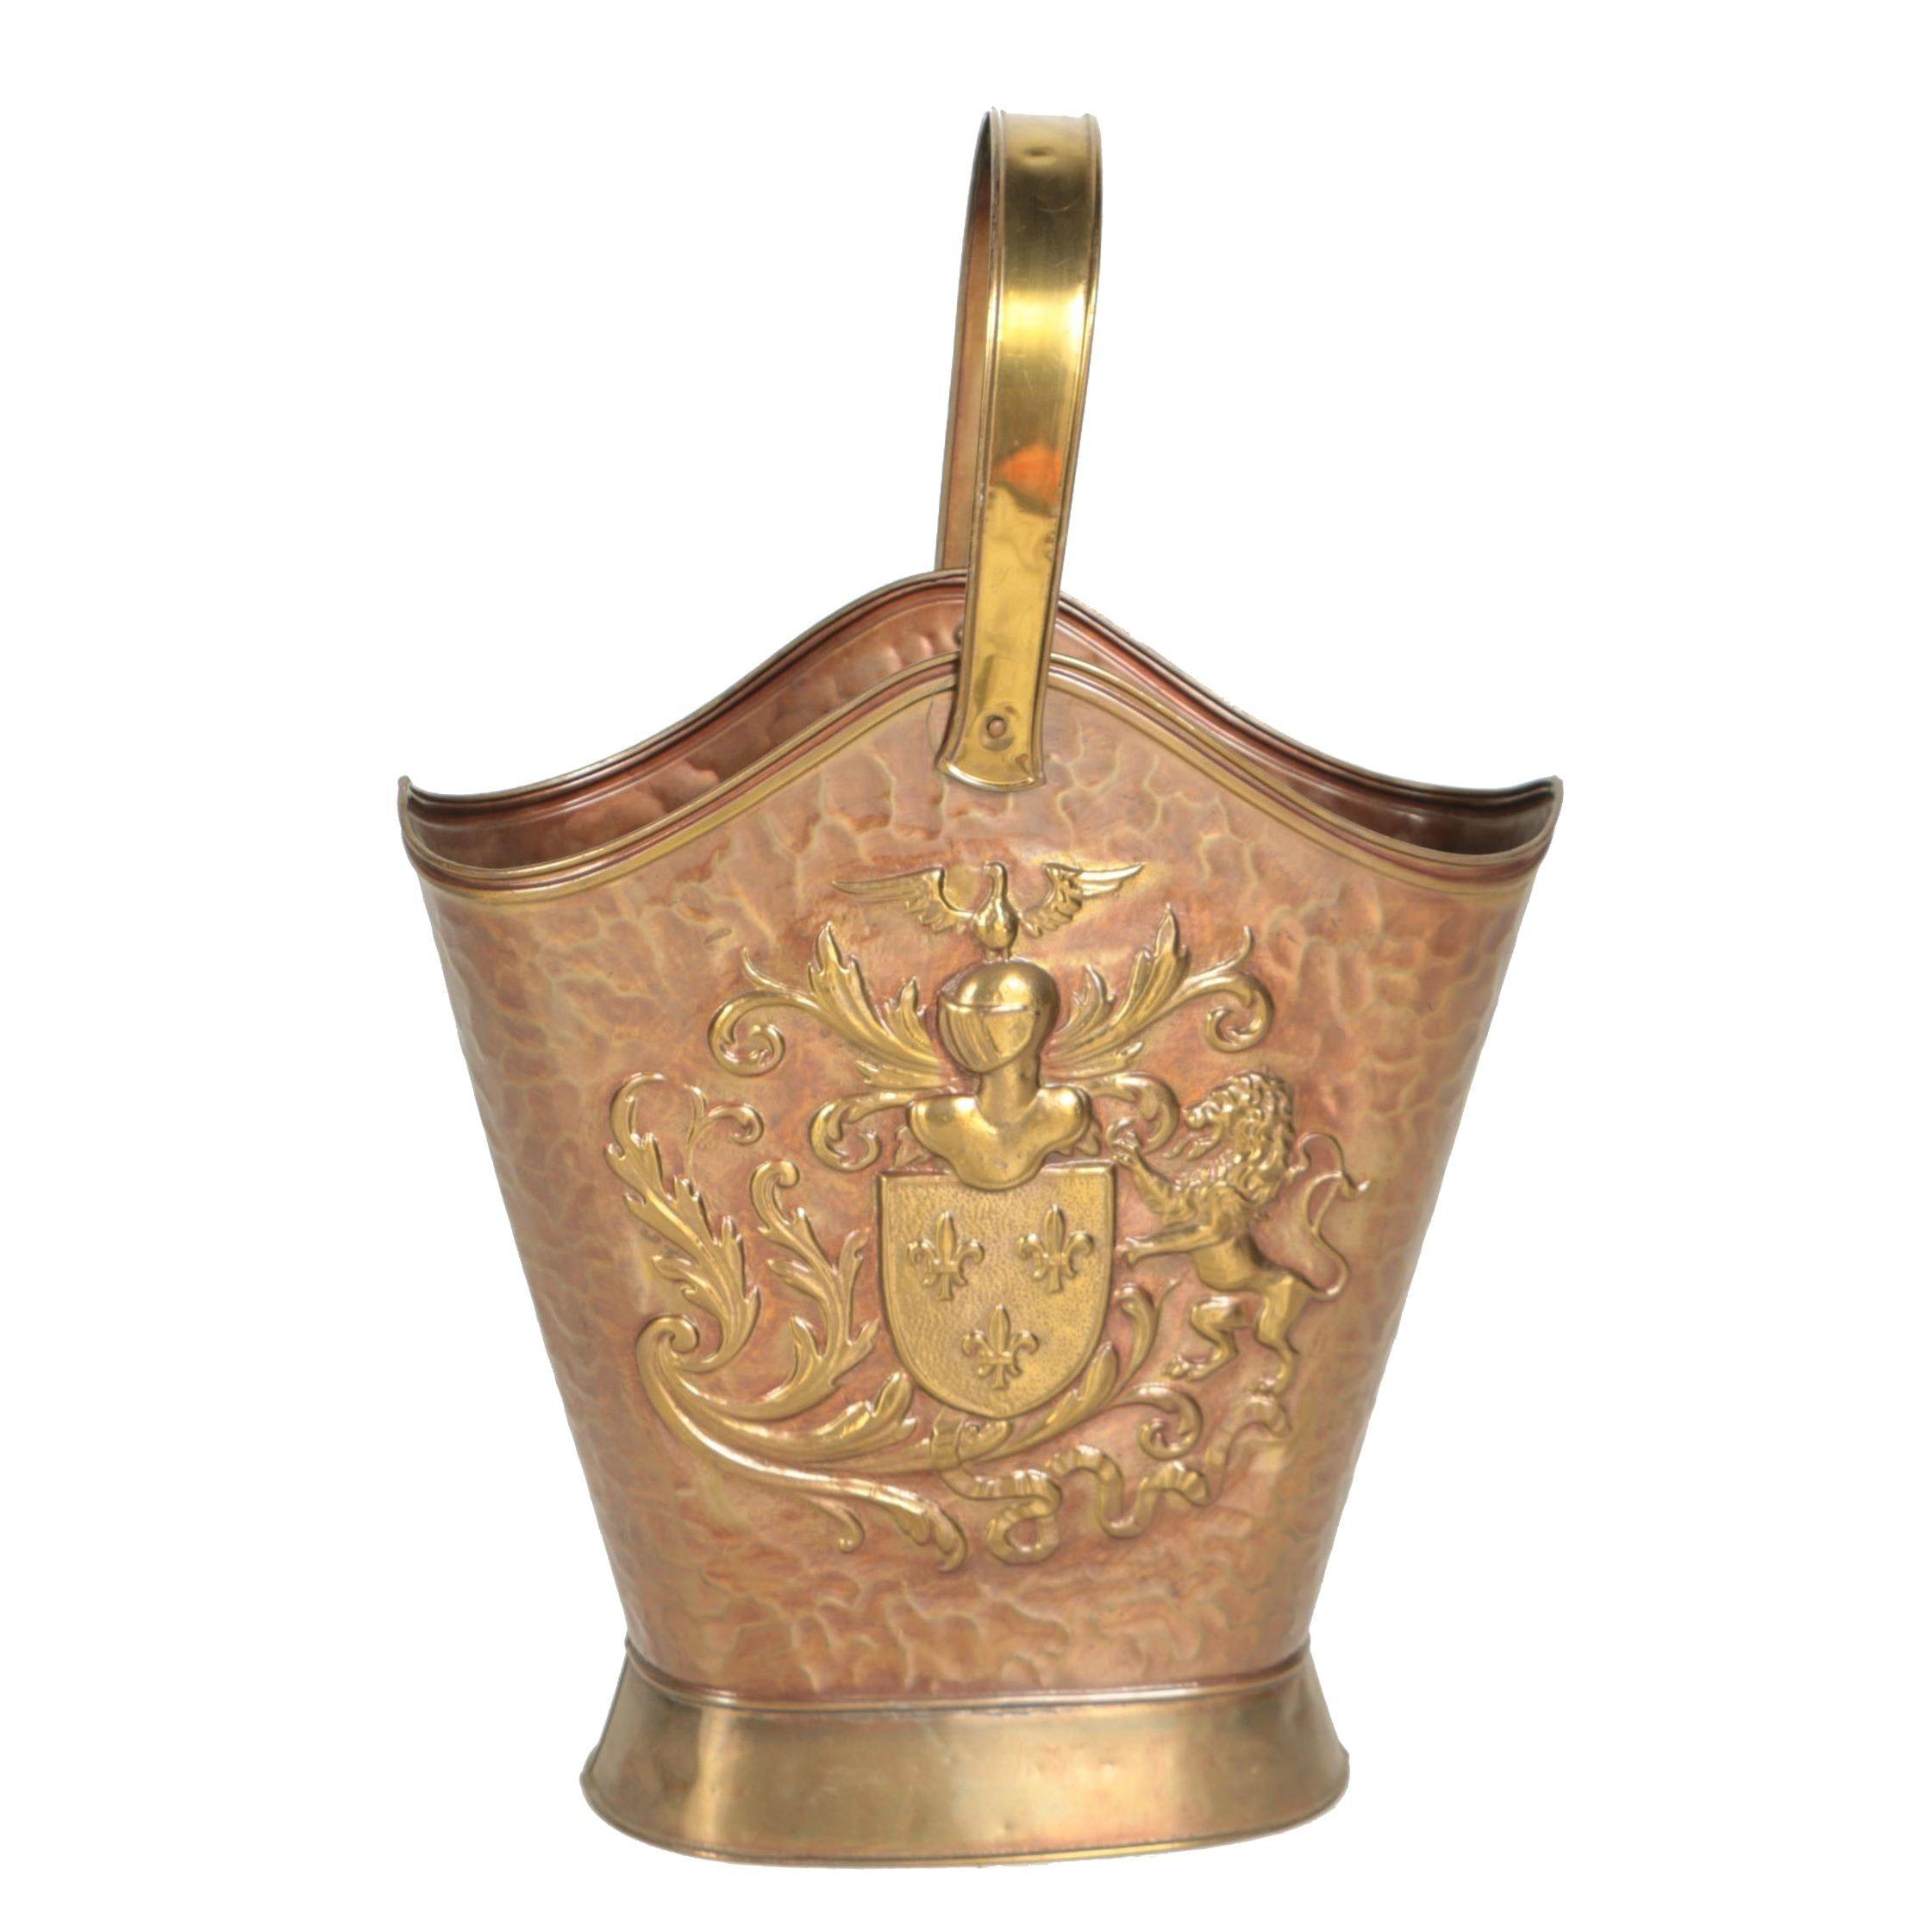 Vintage Brass Hearth Firewood Basket